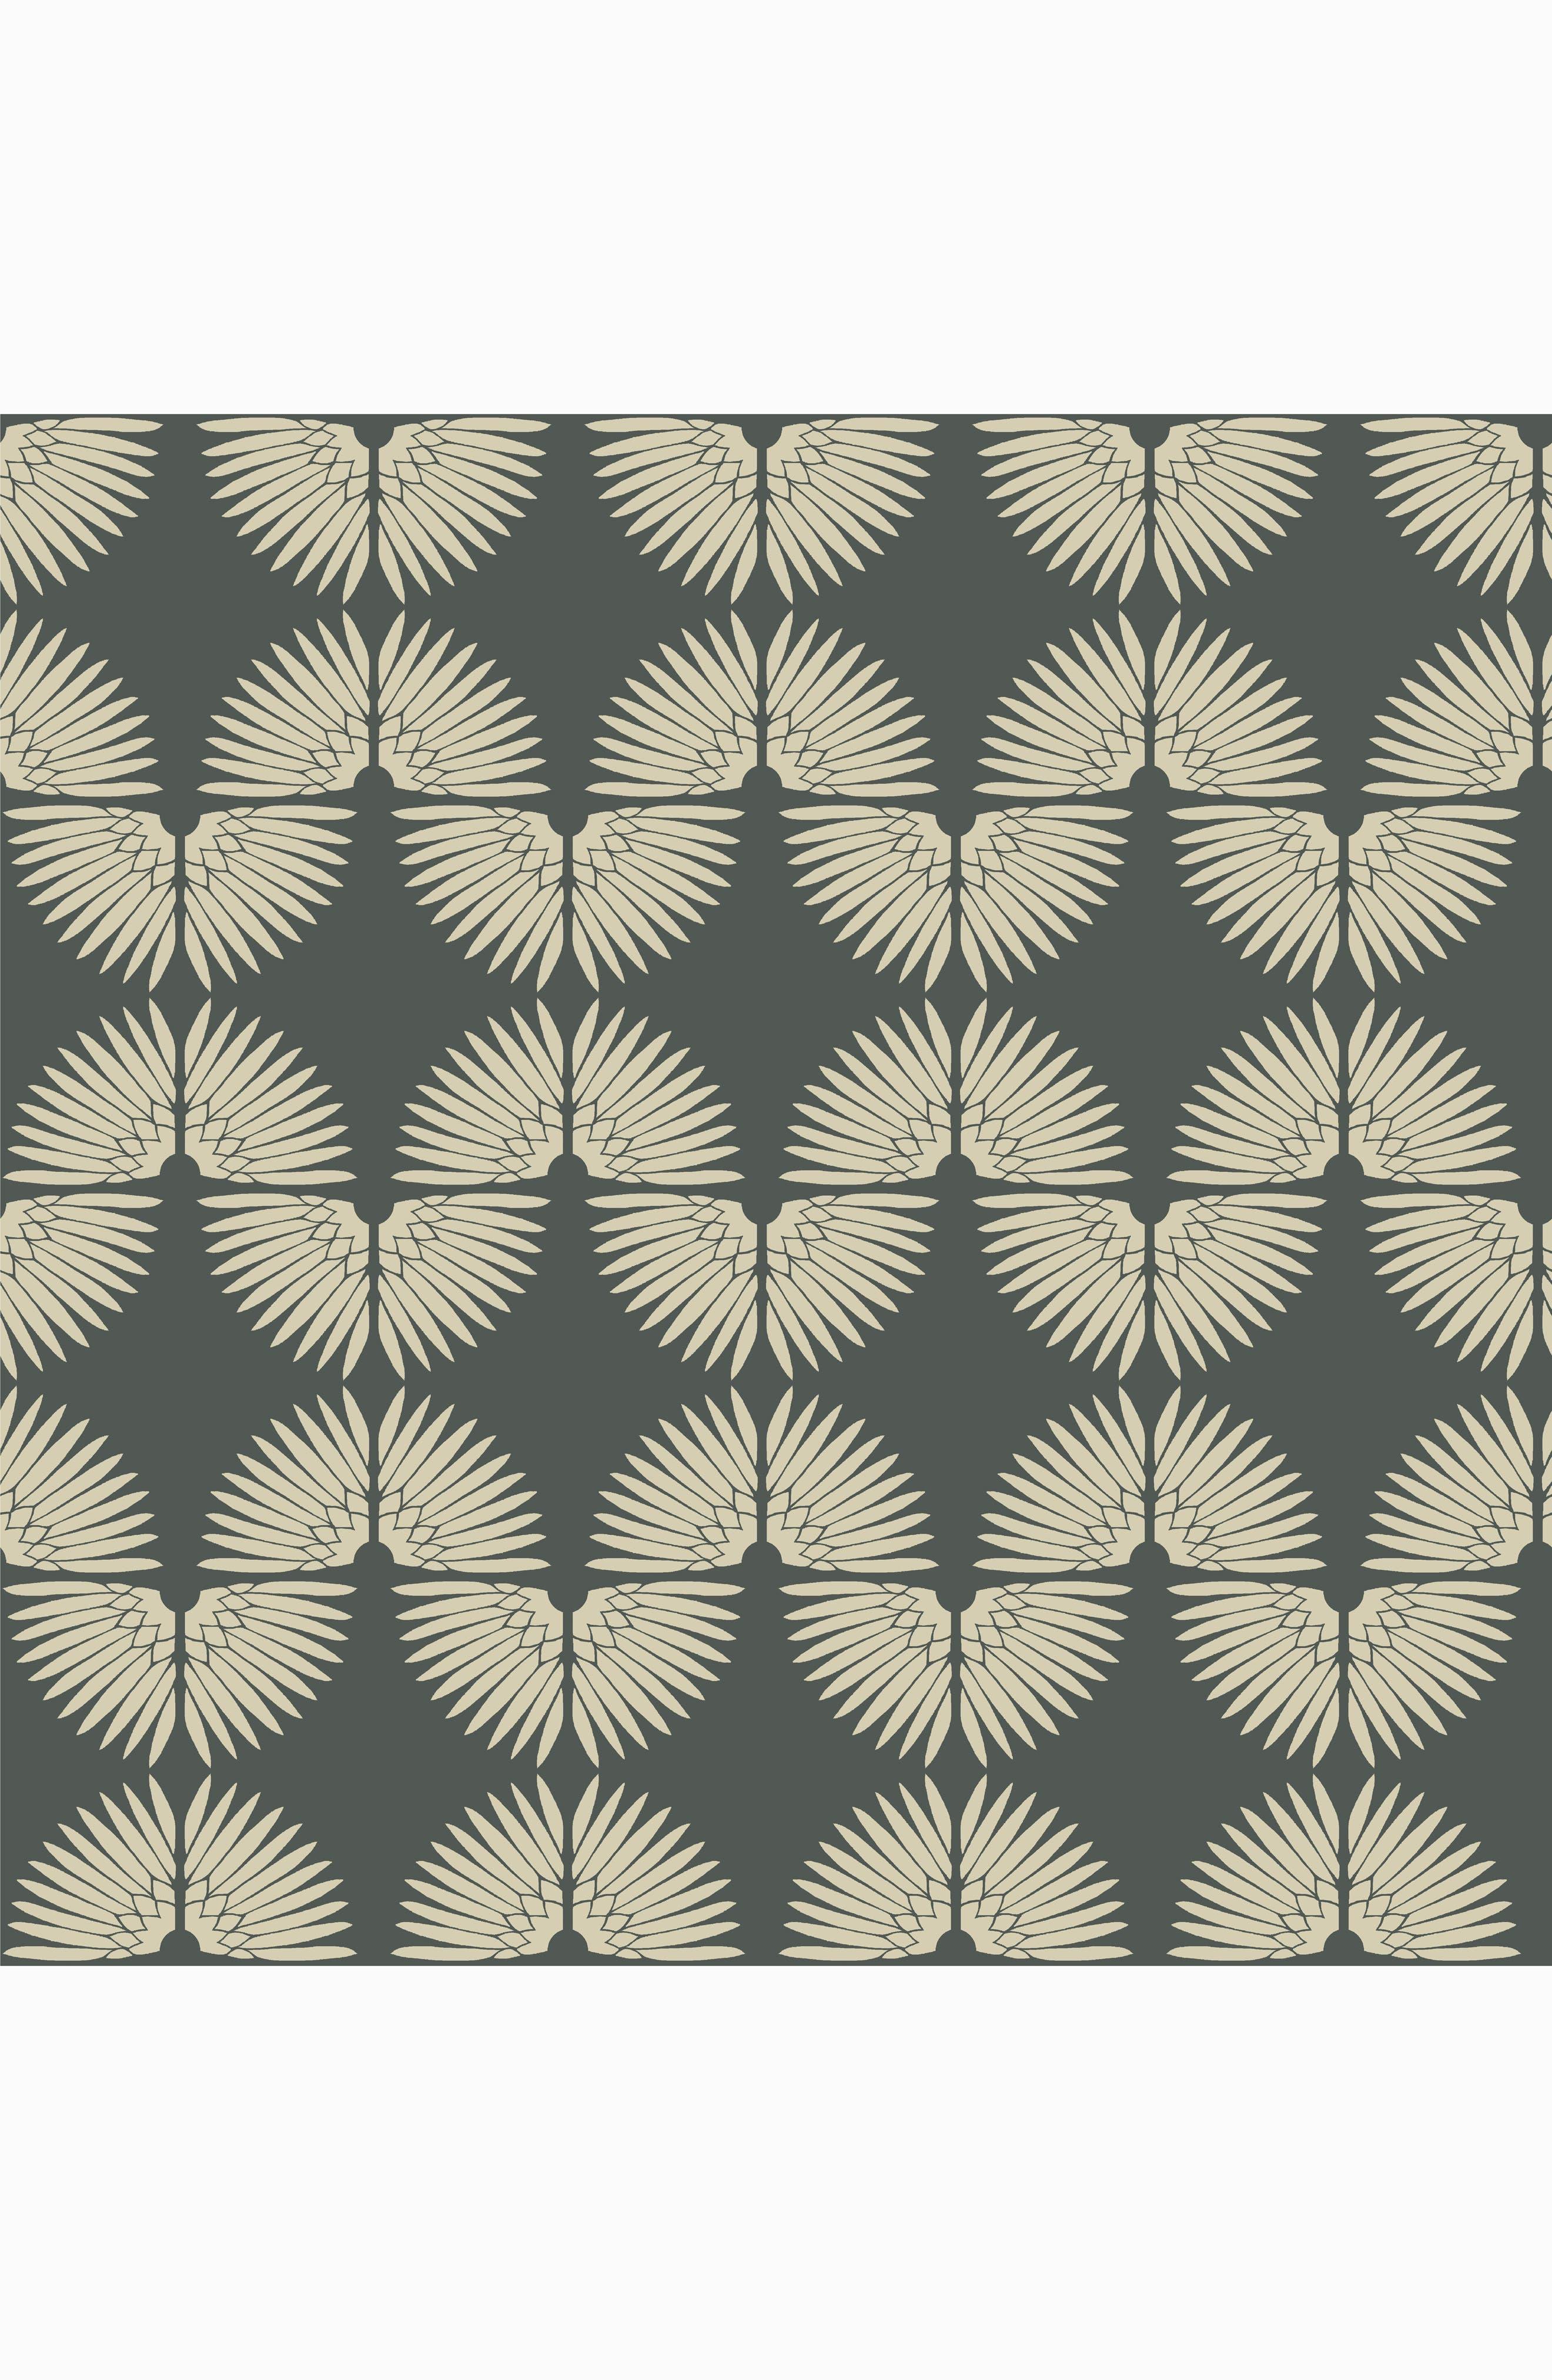 Urban Caterpillar Self-Adhesive Vinyl Wallpaper,                         Main,                         color, 300